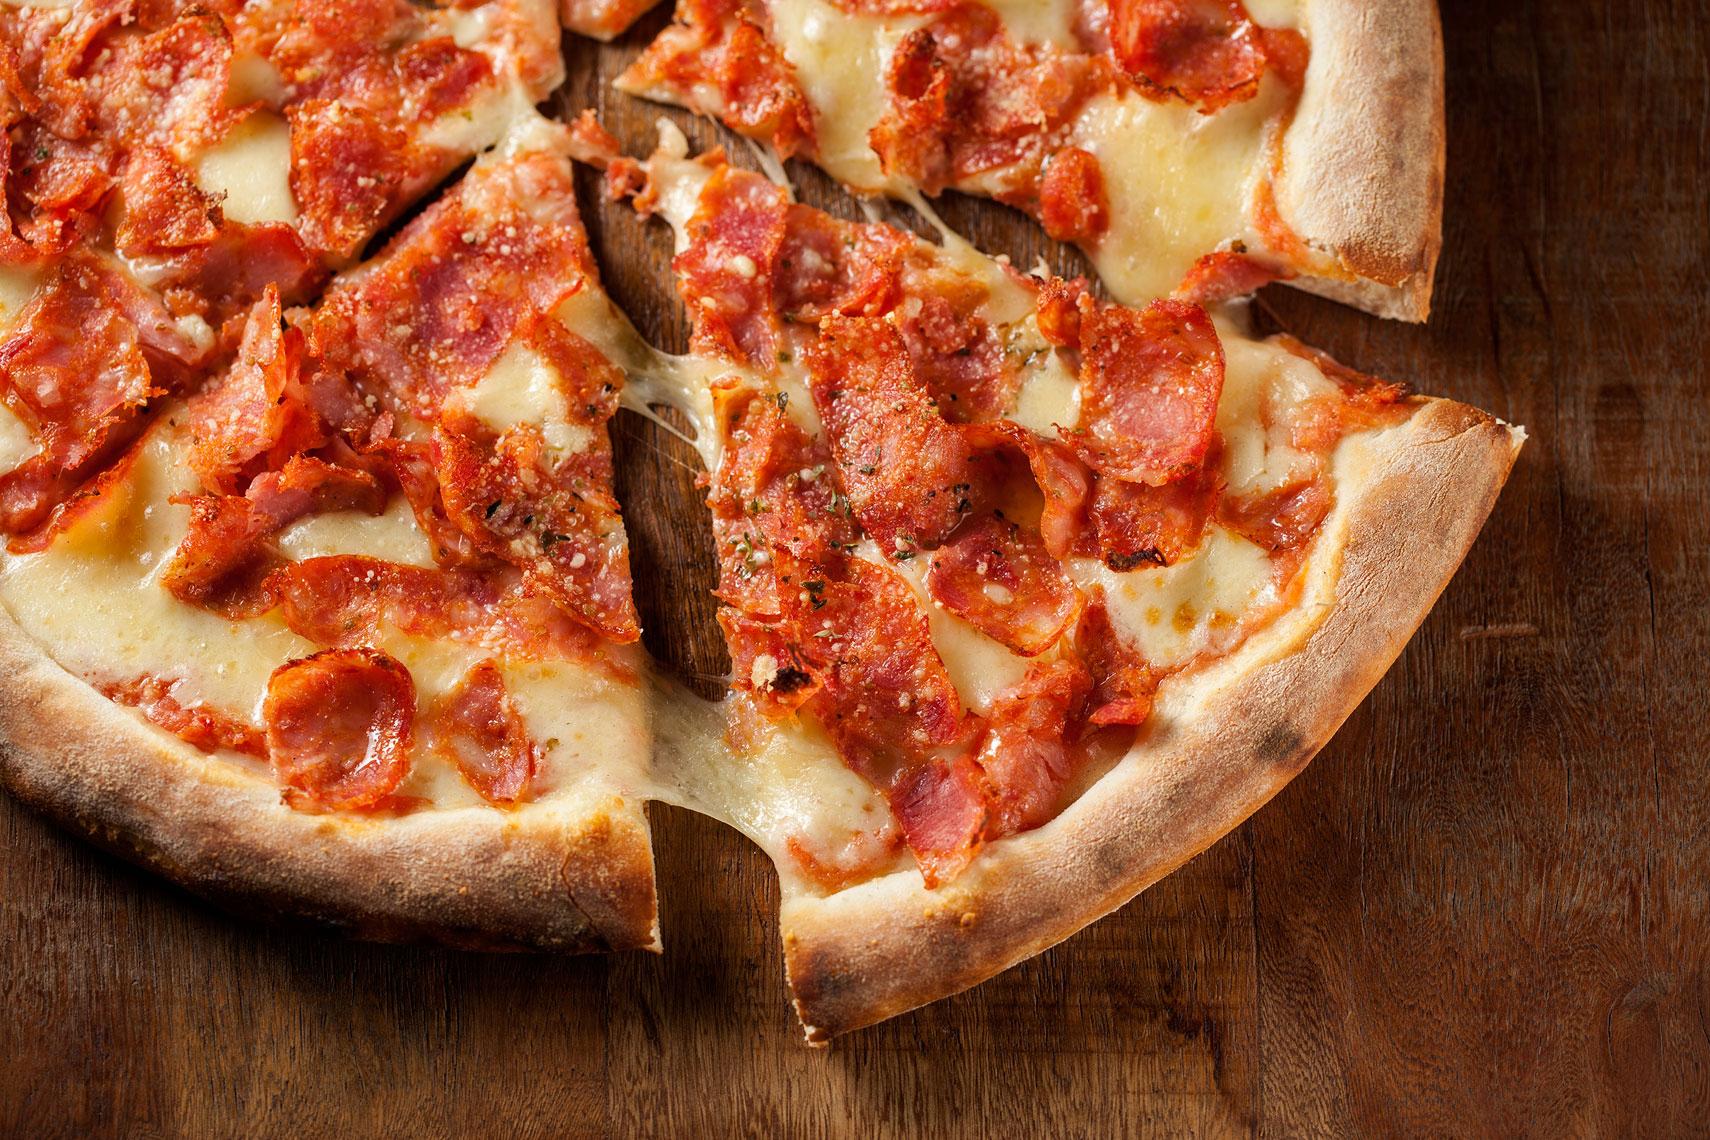 A imagem mostra fatias de pizza de calabresa